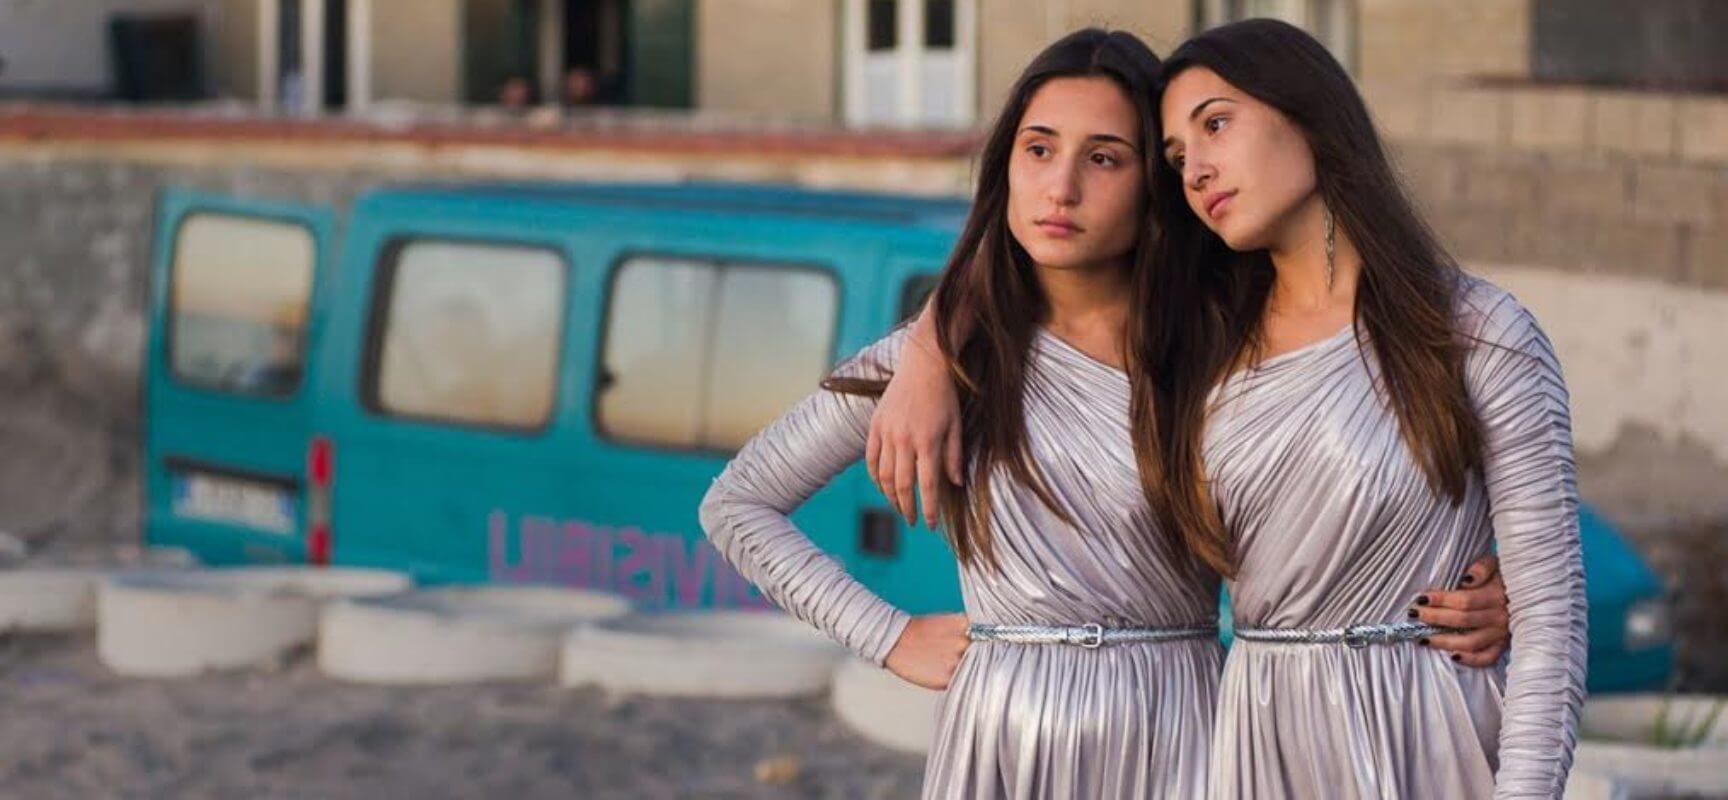 indivisibili film-2016-italy